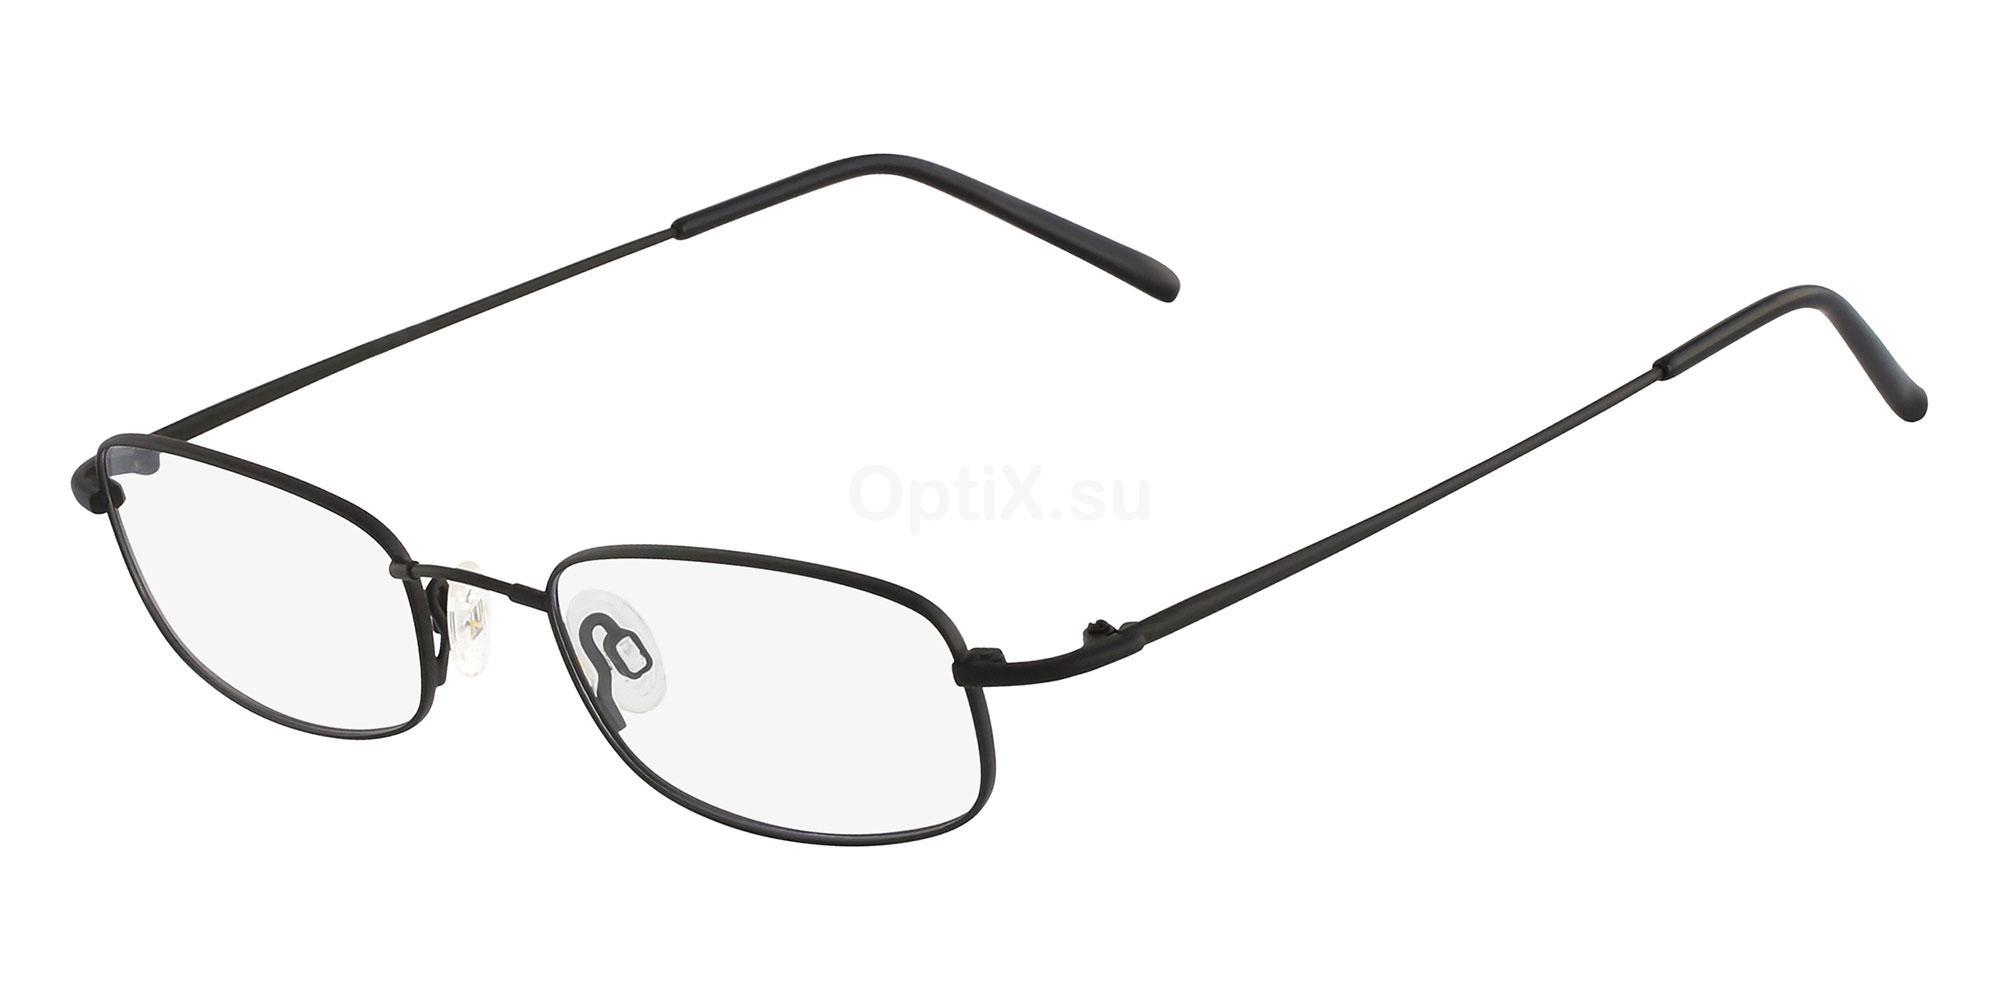 002 FLEXON 603 Glasses, Flexon